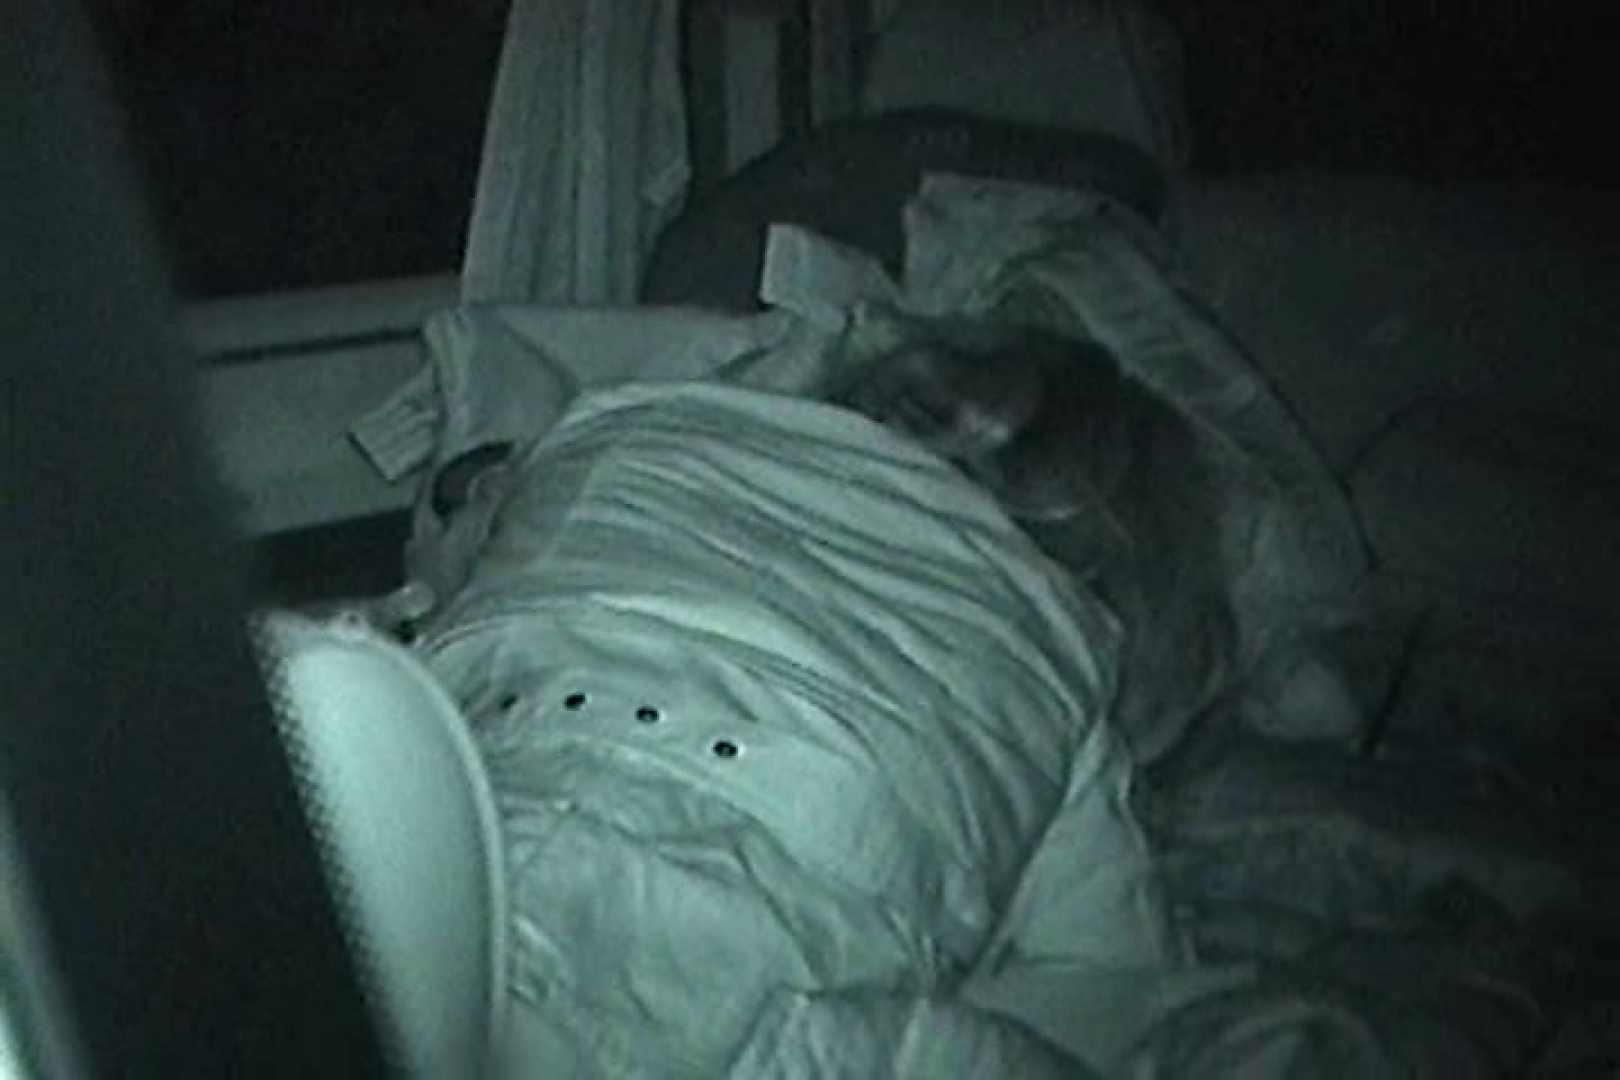 充血監督の深夜の運動会Vol.1 セックス流出映像 | 女体盗撮  49連発 46